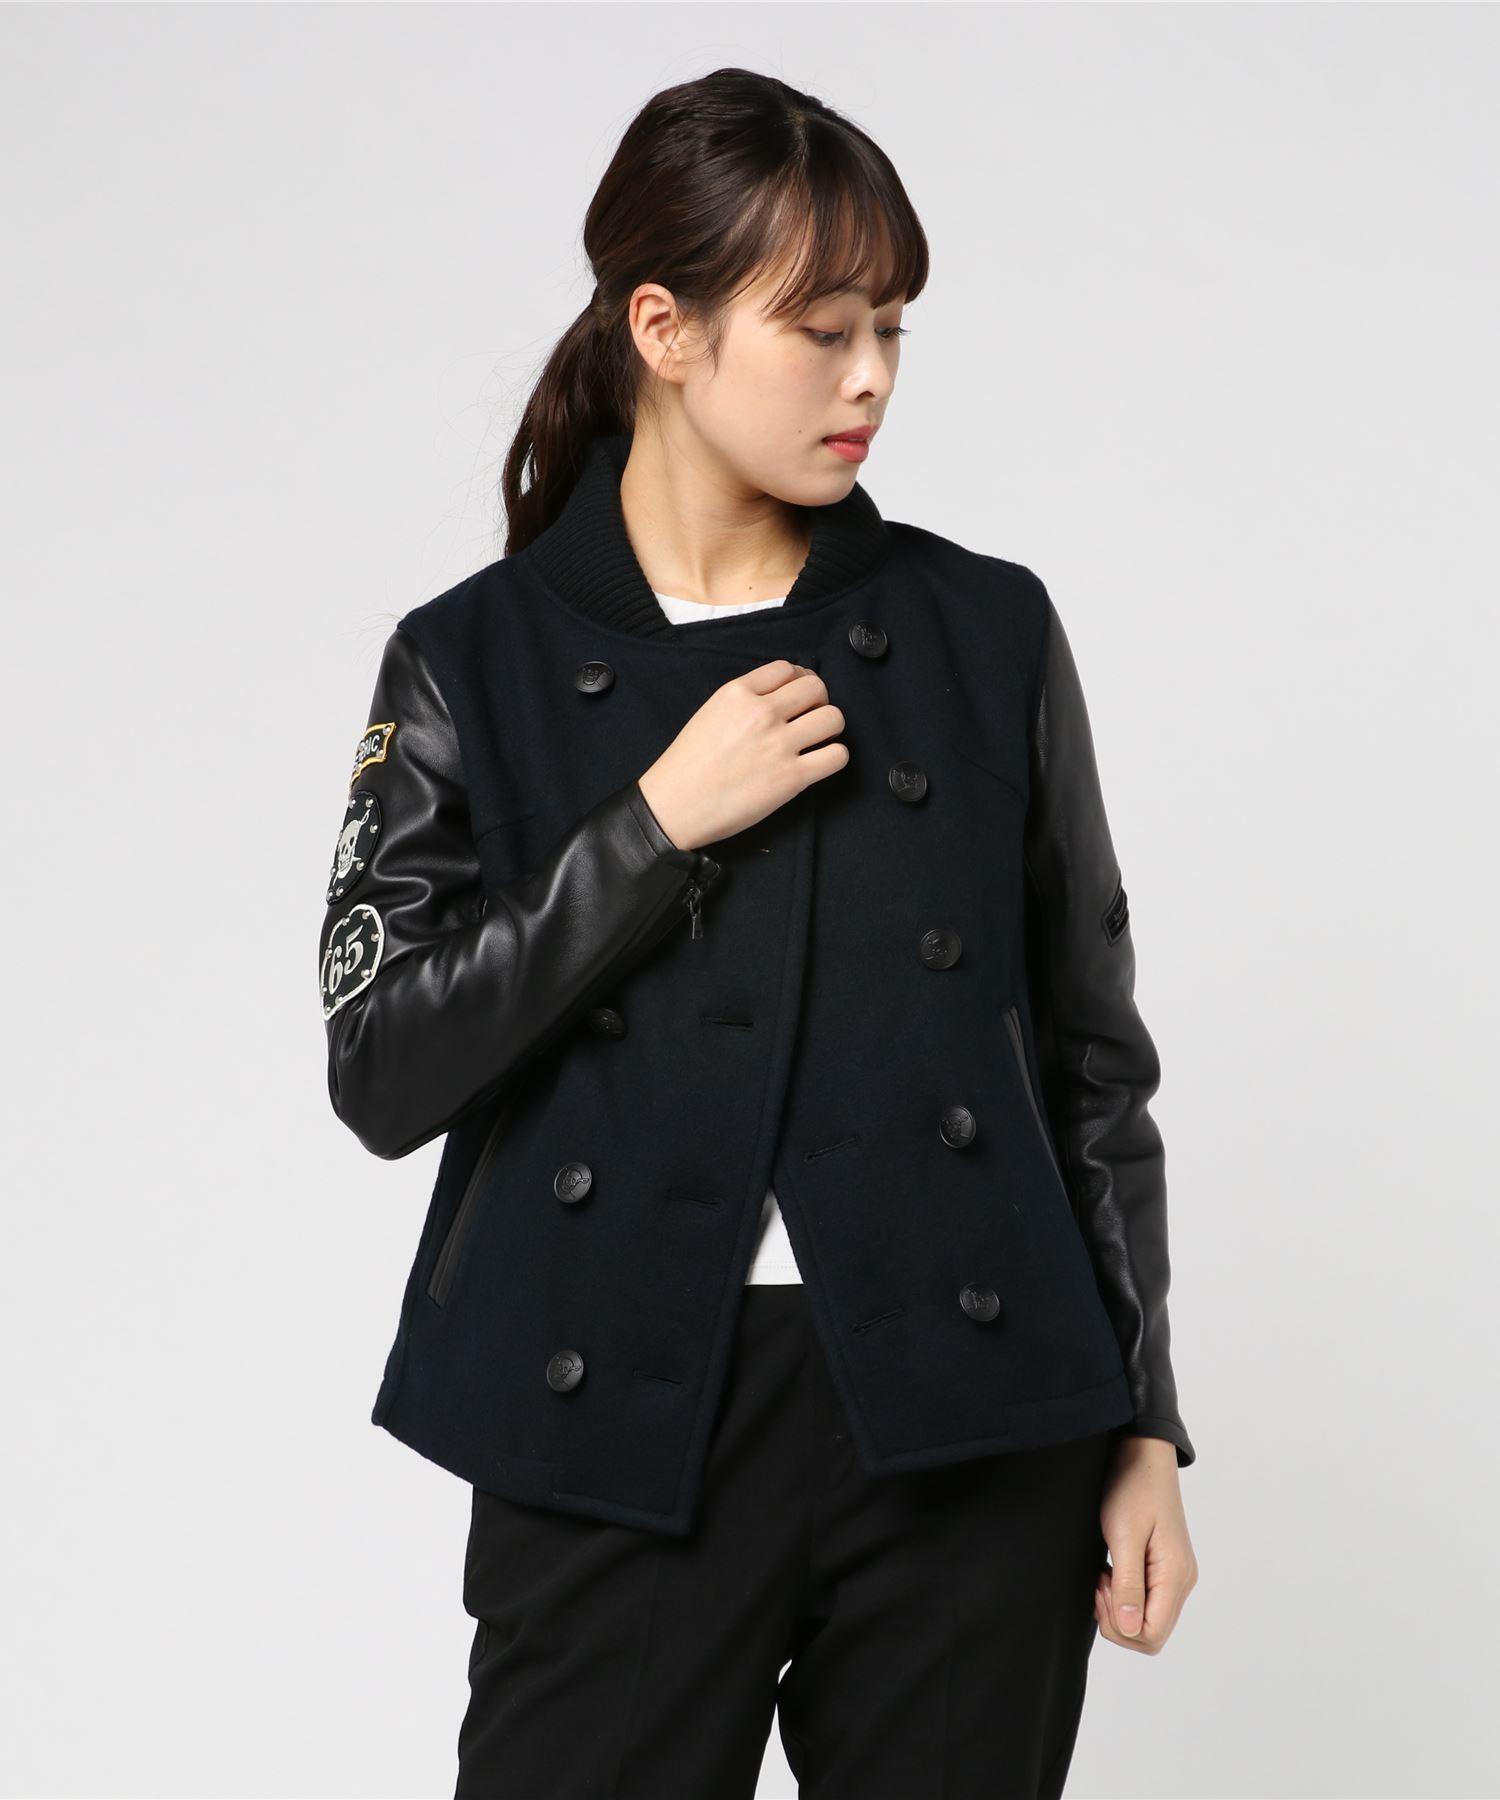 ワッペン付 ダブルブレストジャケット